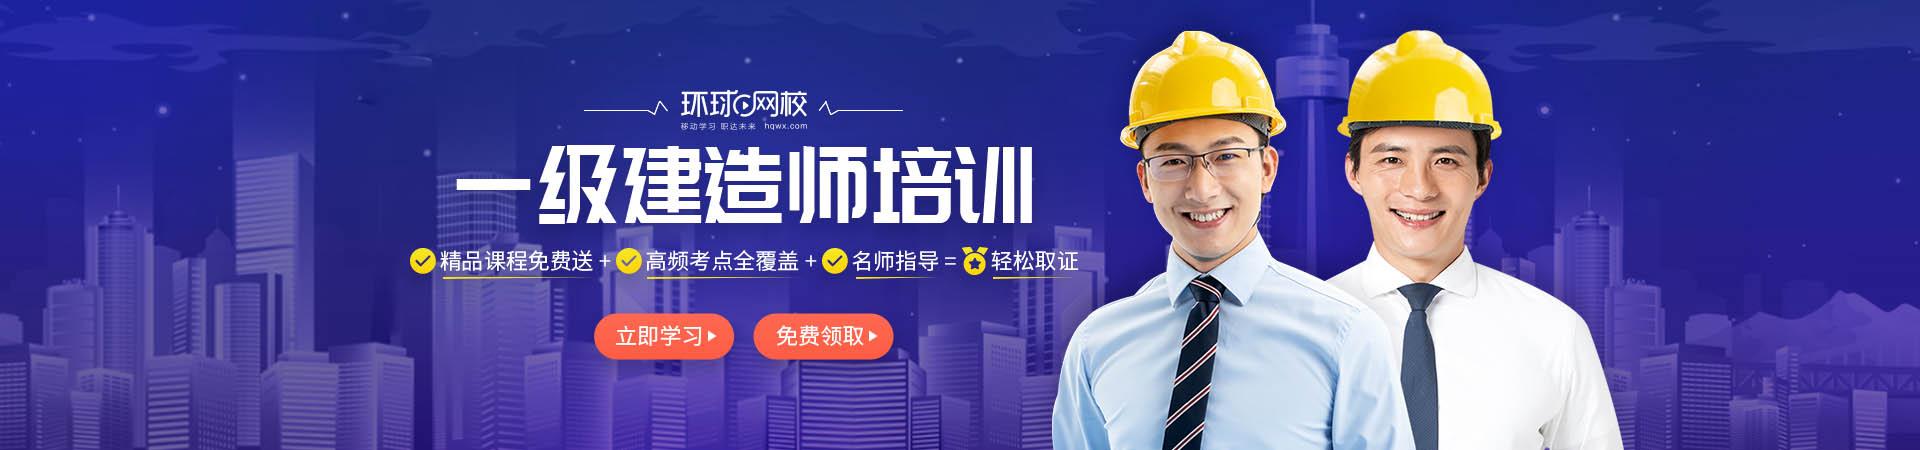 一级建造师工程经济培训